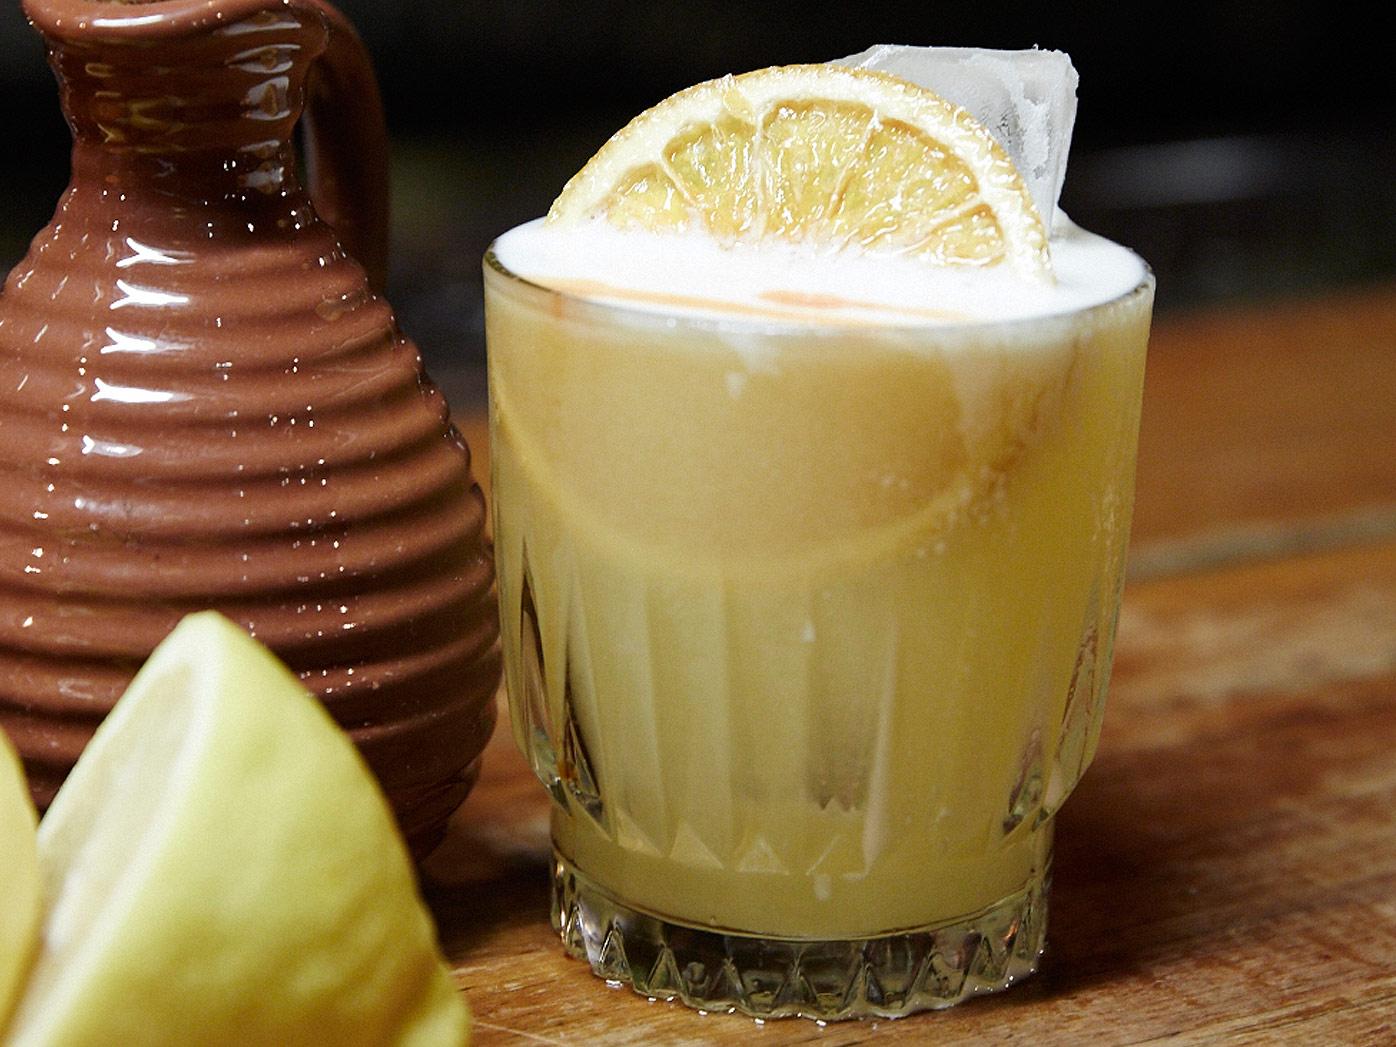 Ardbeg's Islay sour whisky cocktail